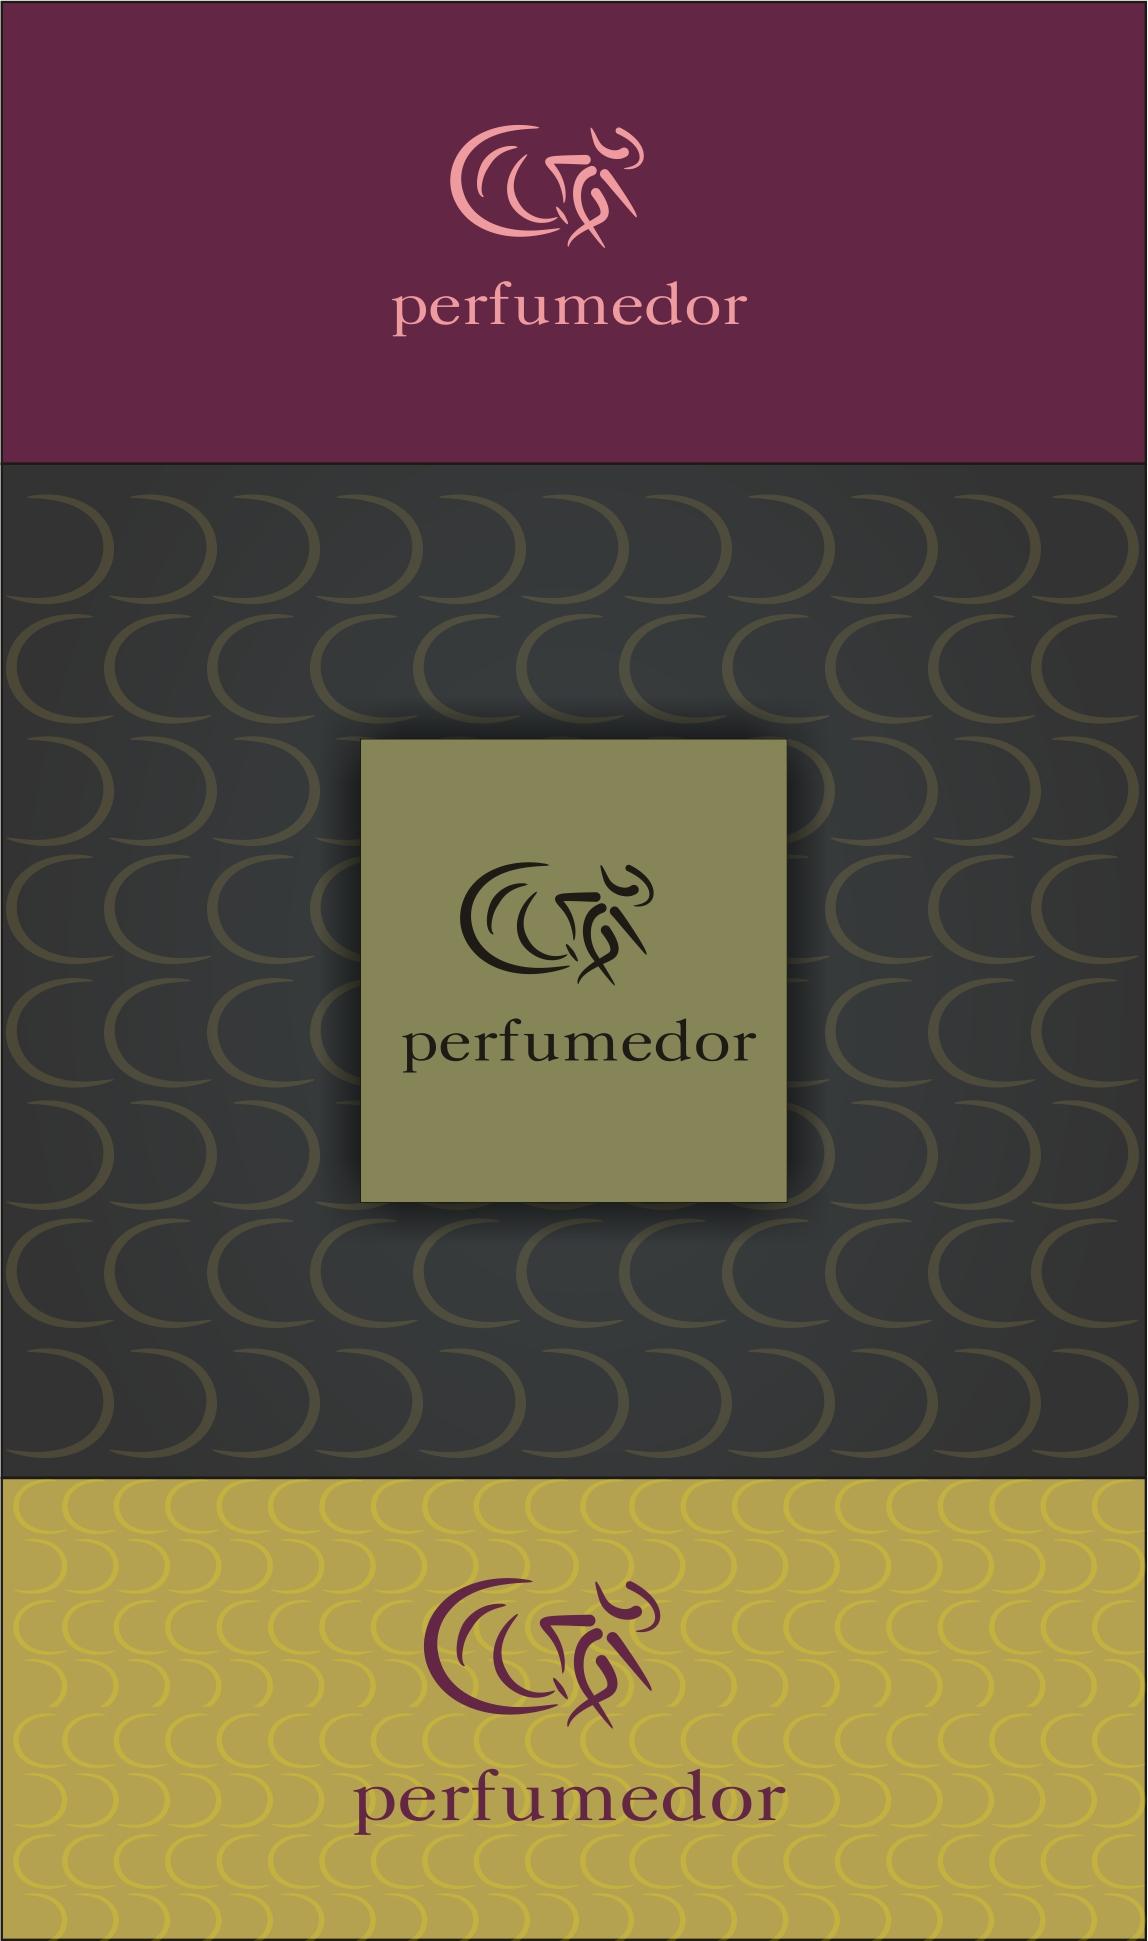 Логотип для интернет-магазина парфюмерии фото f_5295b4a7ea9e35e4.jpg